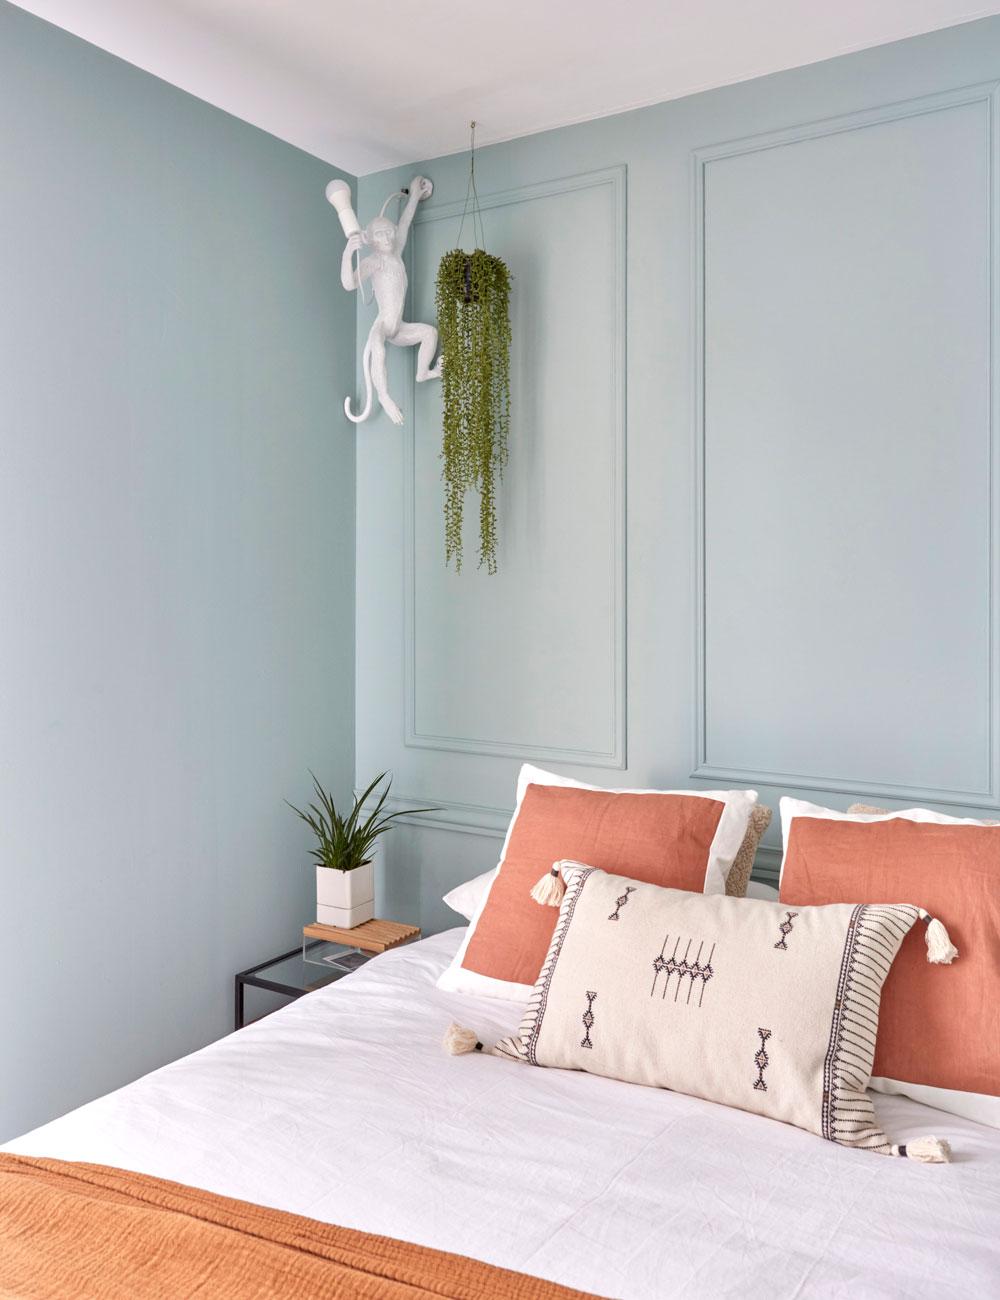 Aplique mono Seletti en dormitorio mini piso Tetuán Madrid